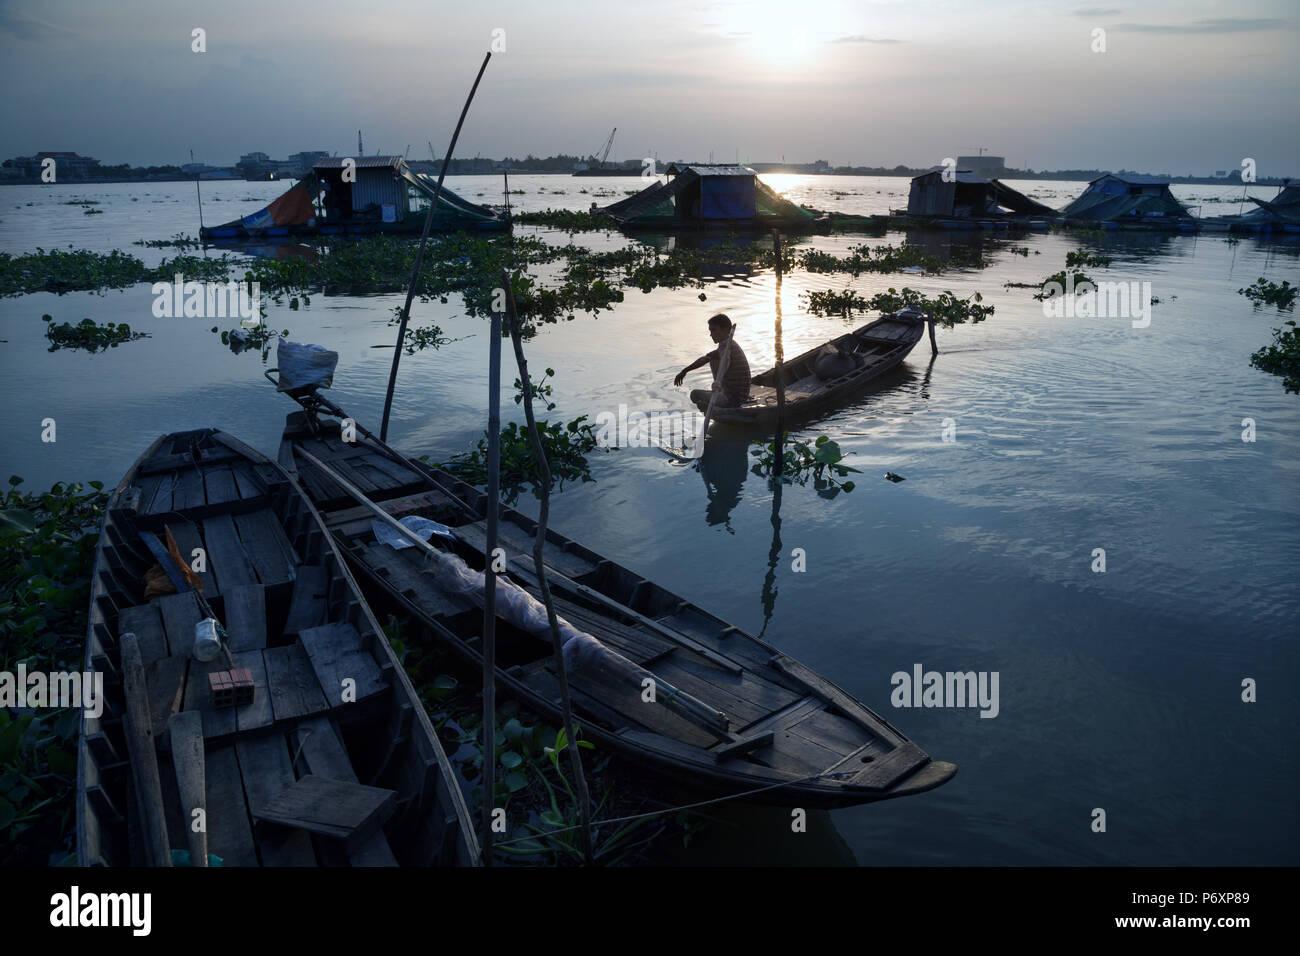 Incroyable coucher de soleil paysage sur le fleuve du Mékong avec un bateau de l'île Binh , Vietnam Photo Stock